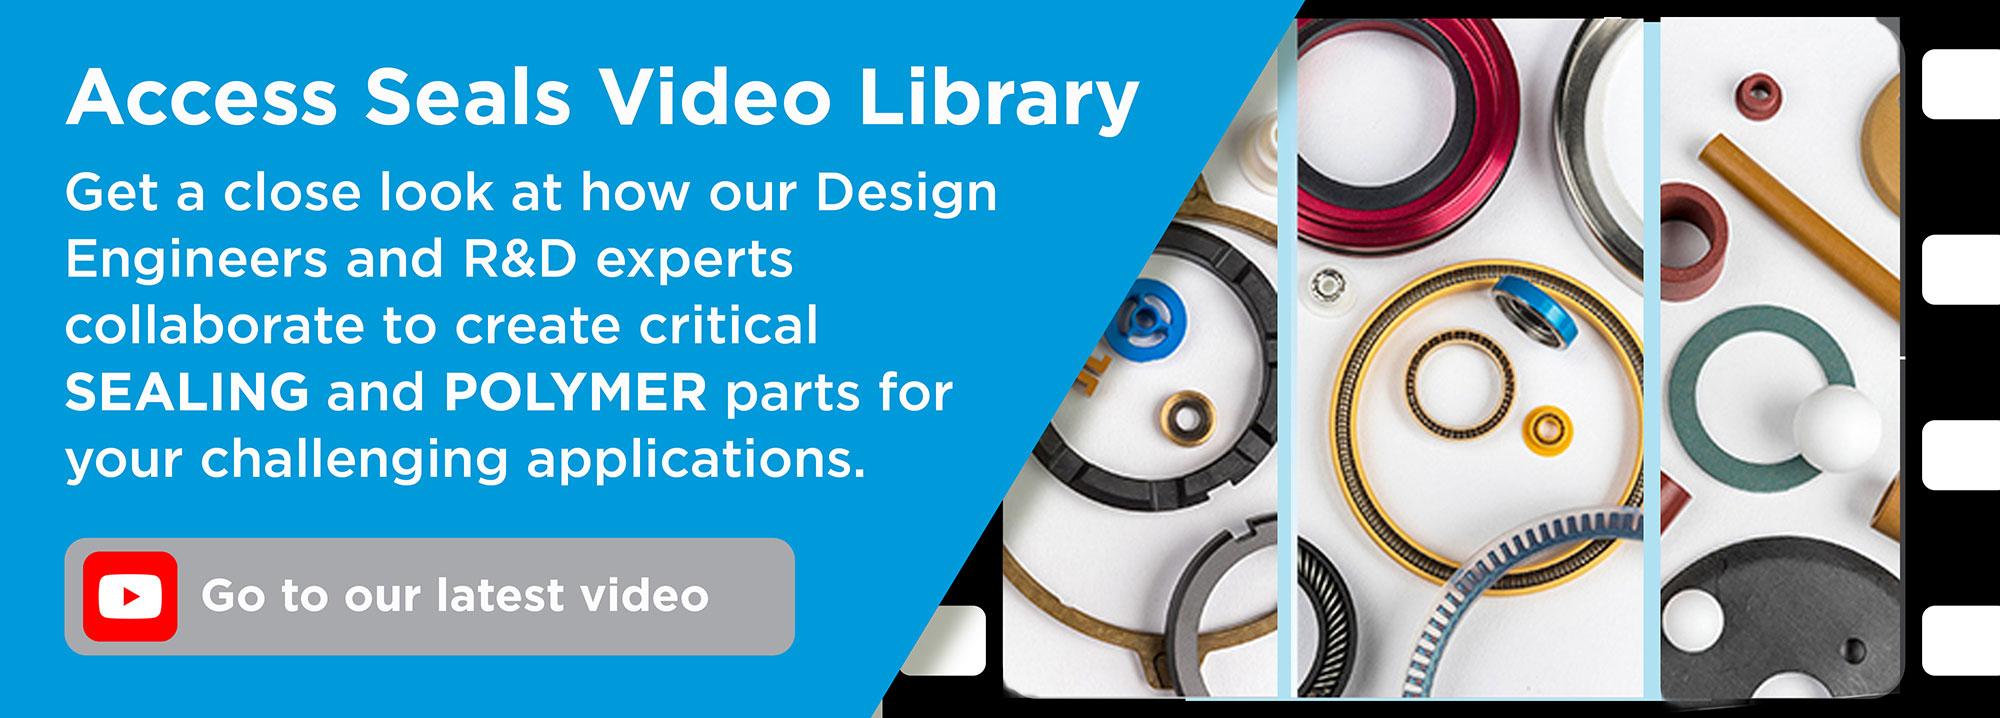 video-inset-banner-2.jpg